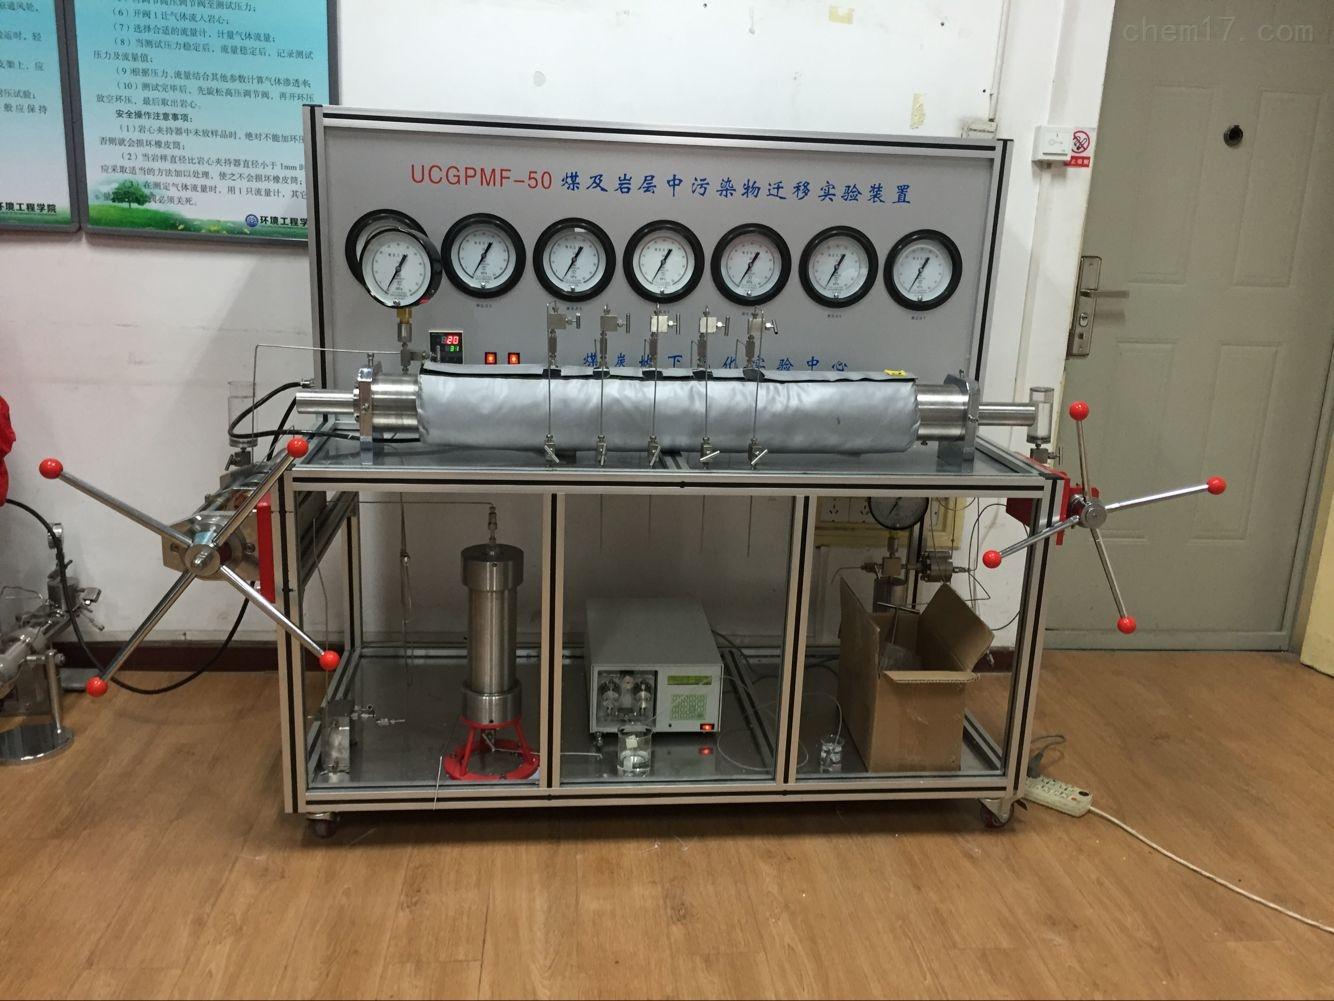 煤及岩层中污染物迁移实验装置